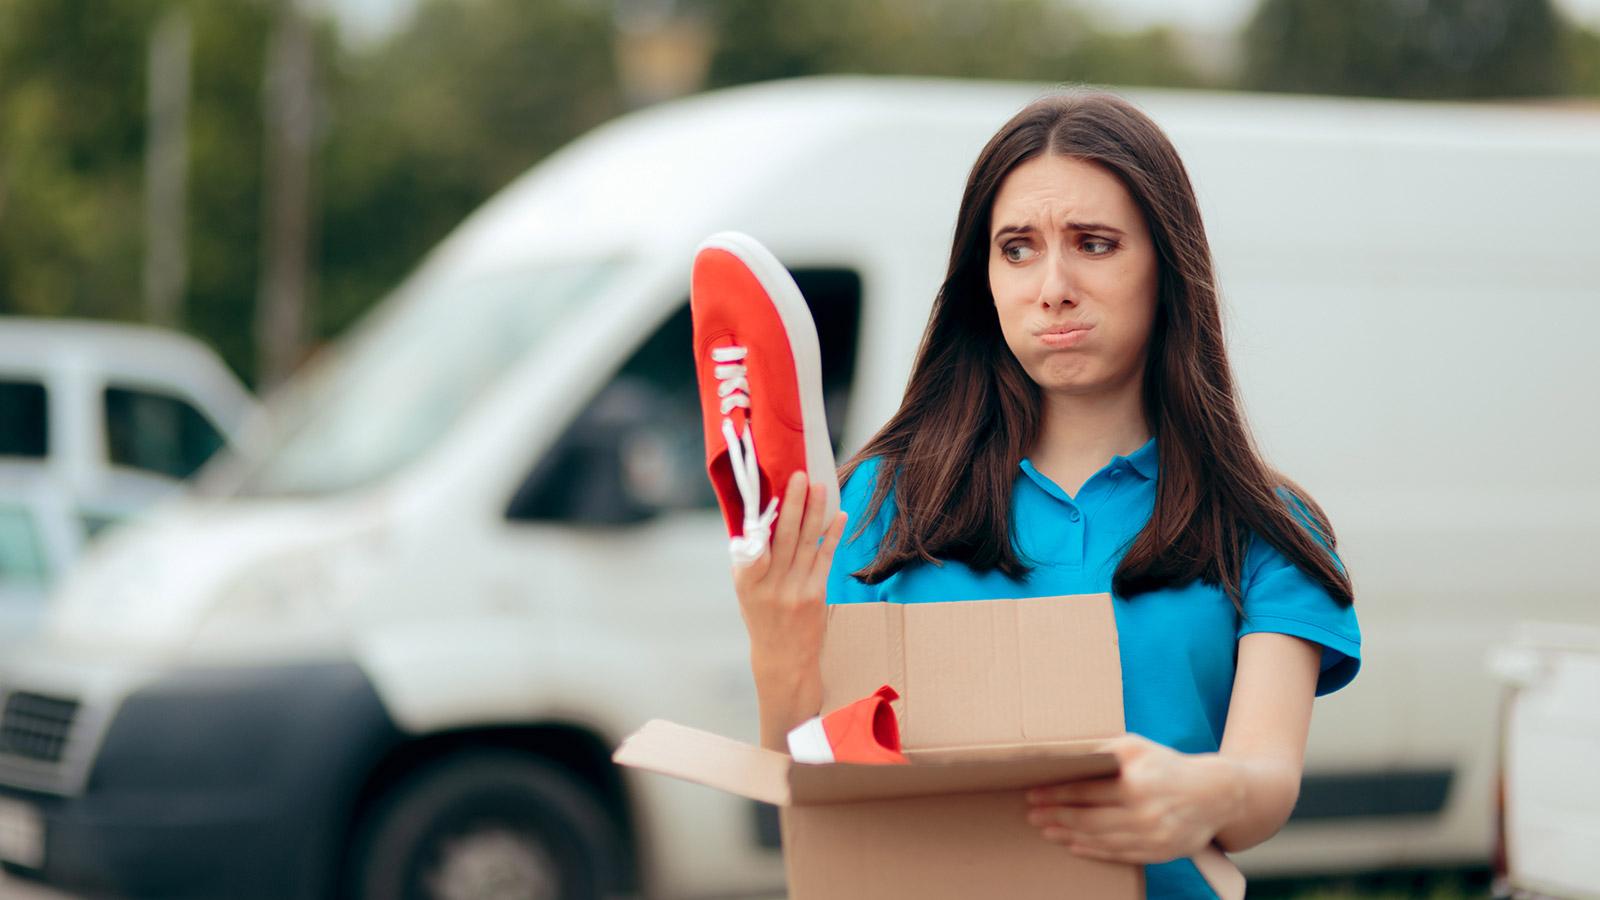 Puedes devolver un producto si la tienda admite devoluciones en su política comercial